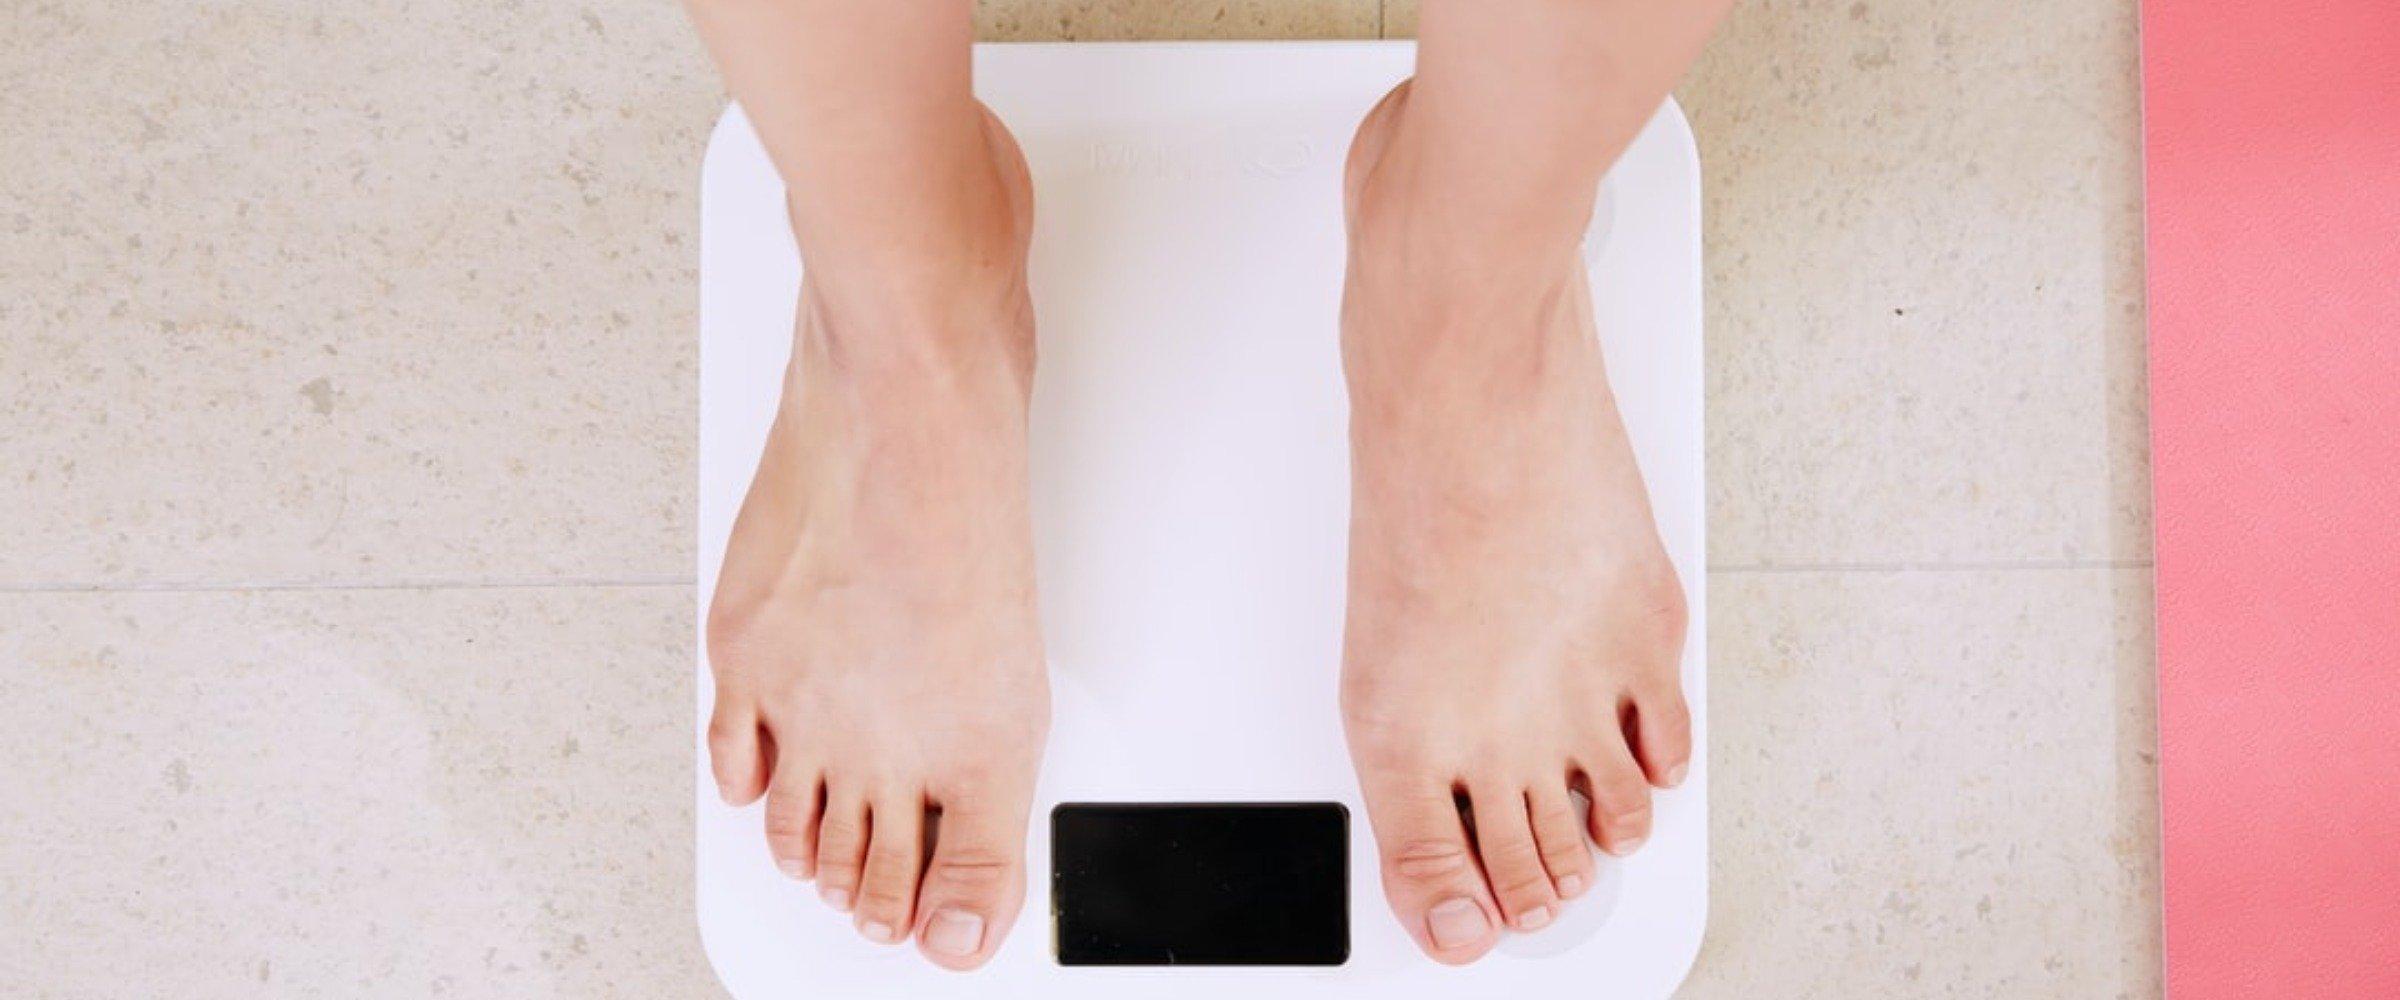 Is je BMI nog steeds een interessante maatstaf om te gebruiken?